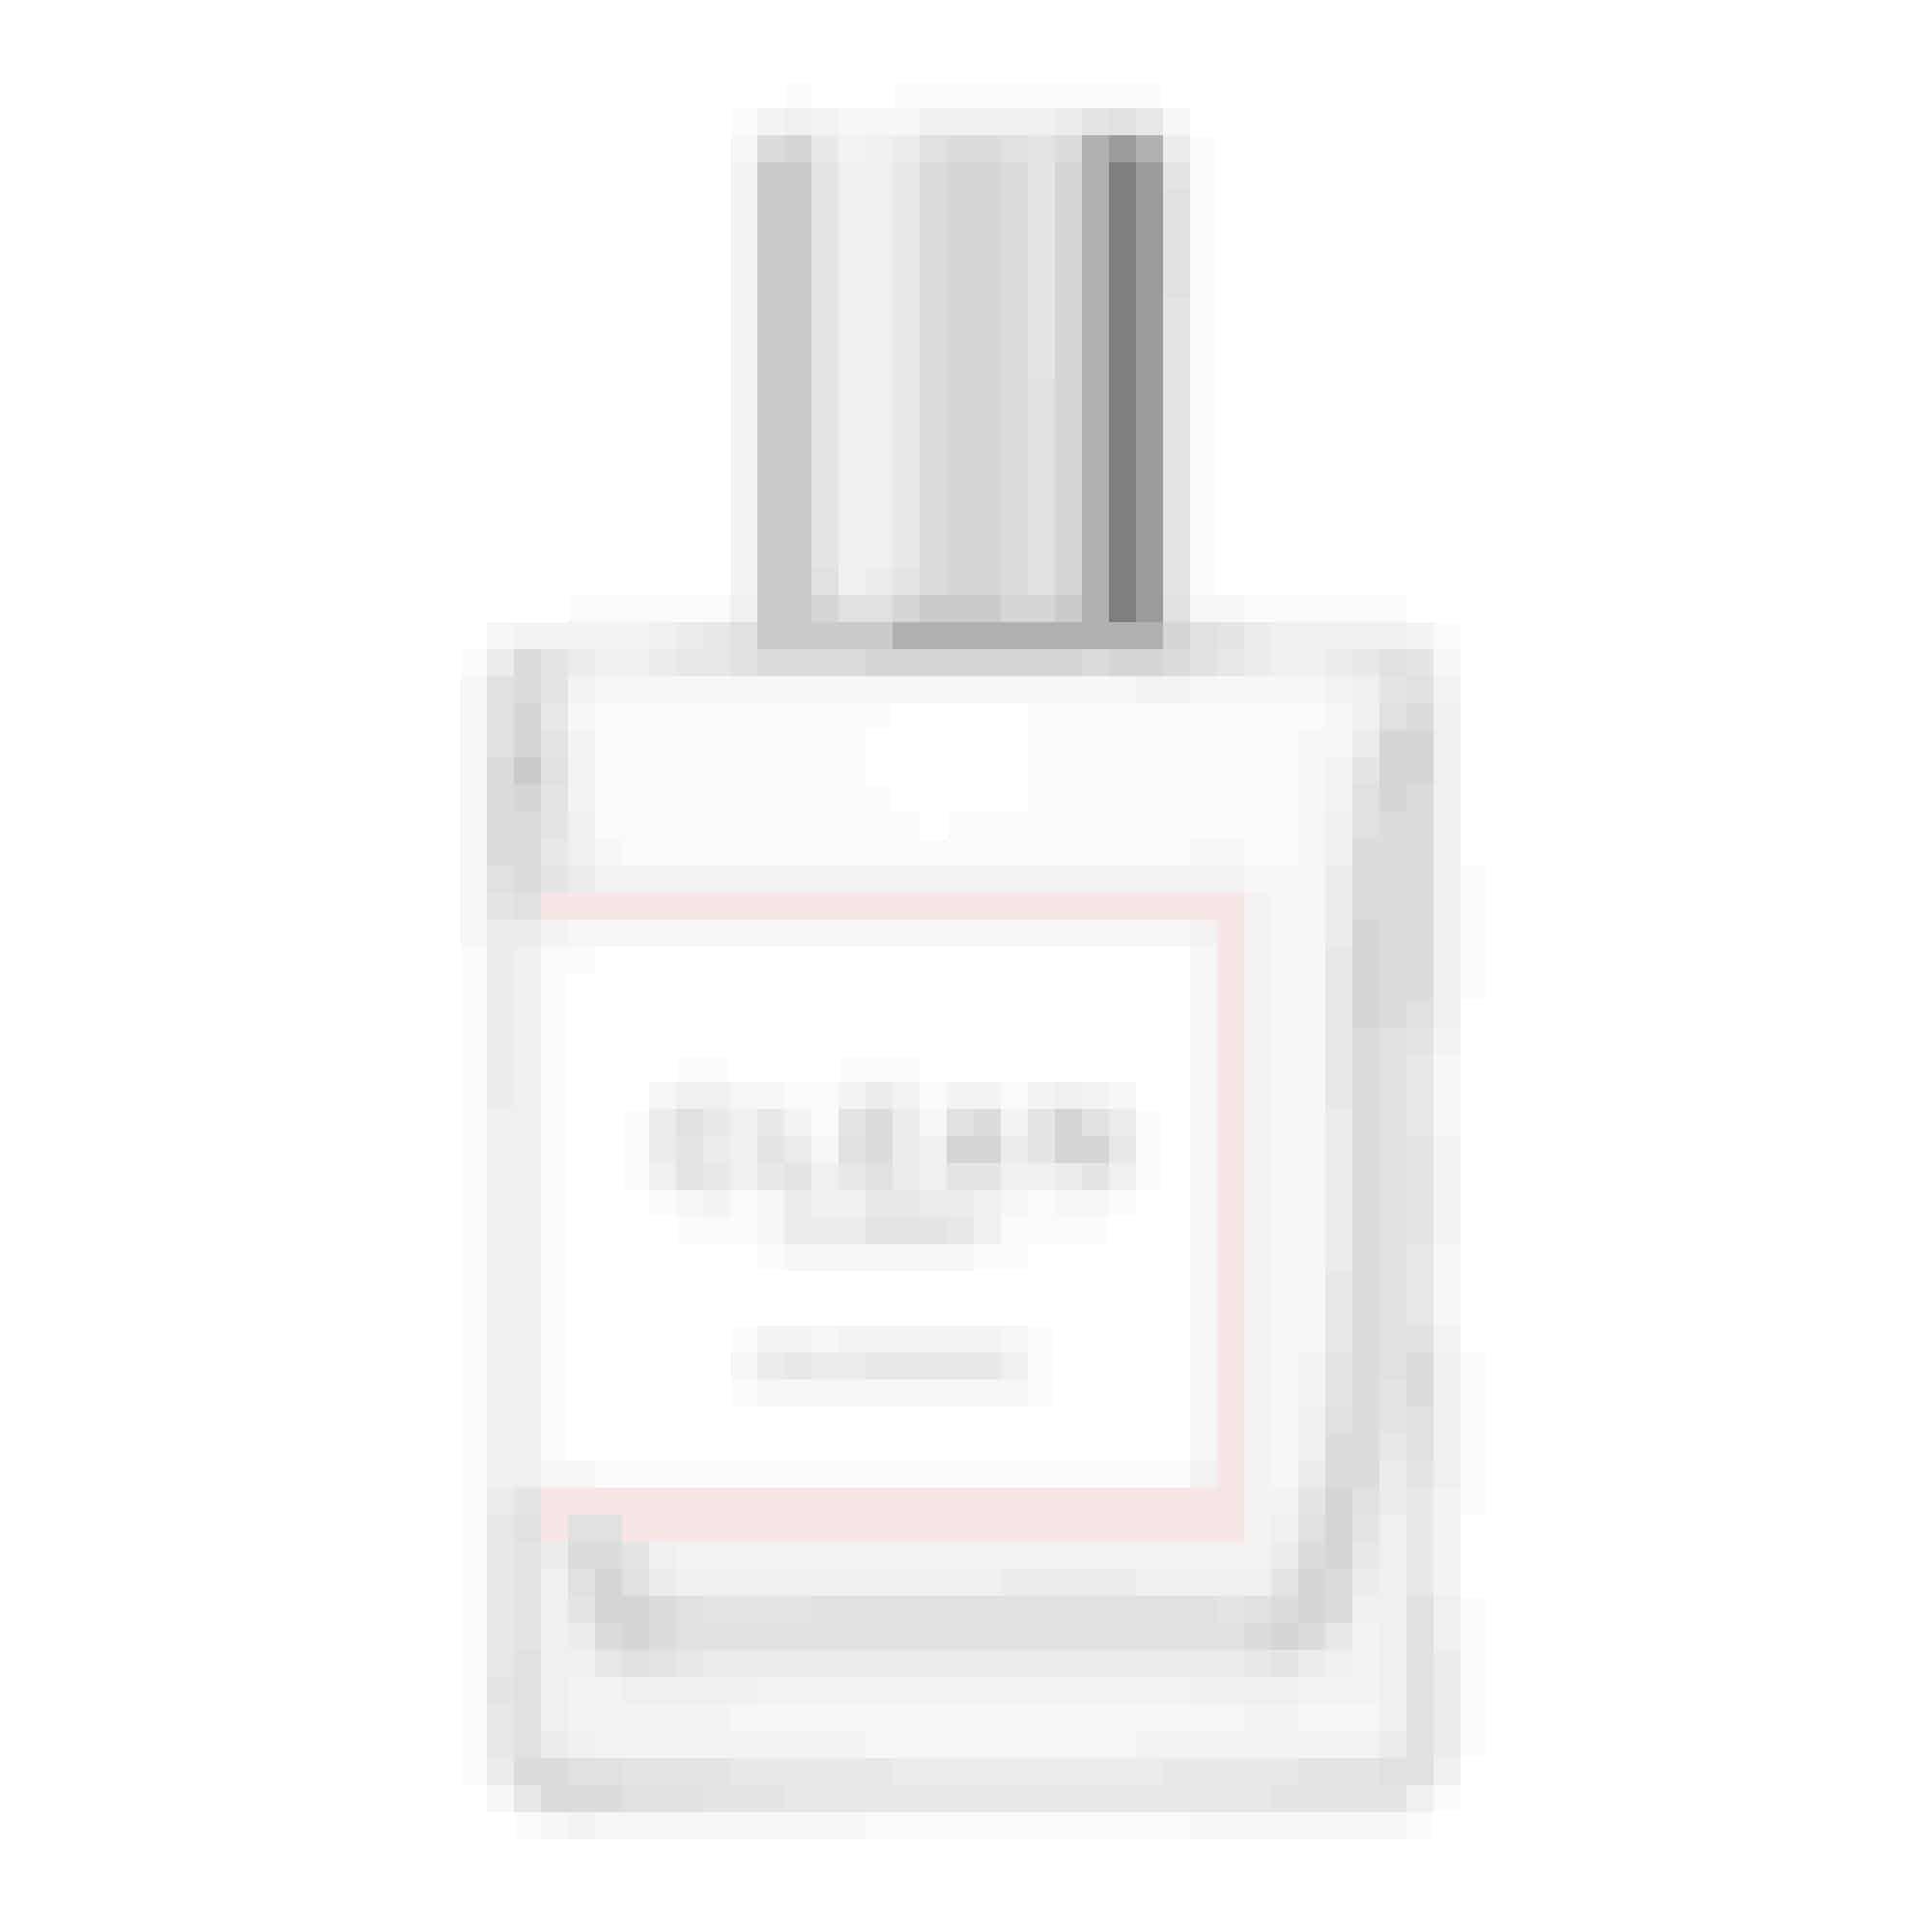 DuftDen originale og vidunderlige duft af renhed og sæbe. En af de absolut bedst sælgende parfumer i Danmark, og nu tilmed med et tilbud, der er værd at føle på.'Clean Original', eau de parfum, Clean, 60 ml, normal pris 600 kr. – nedsat 300 kr.Køb her